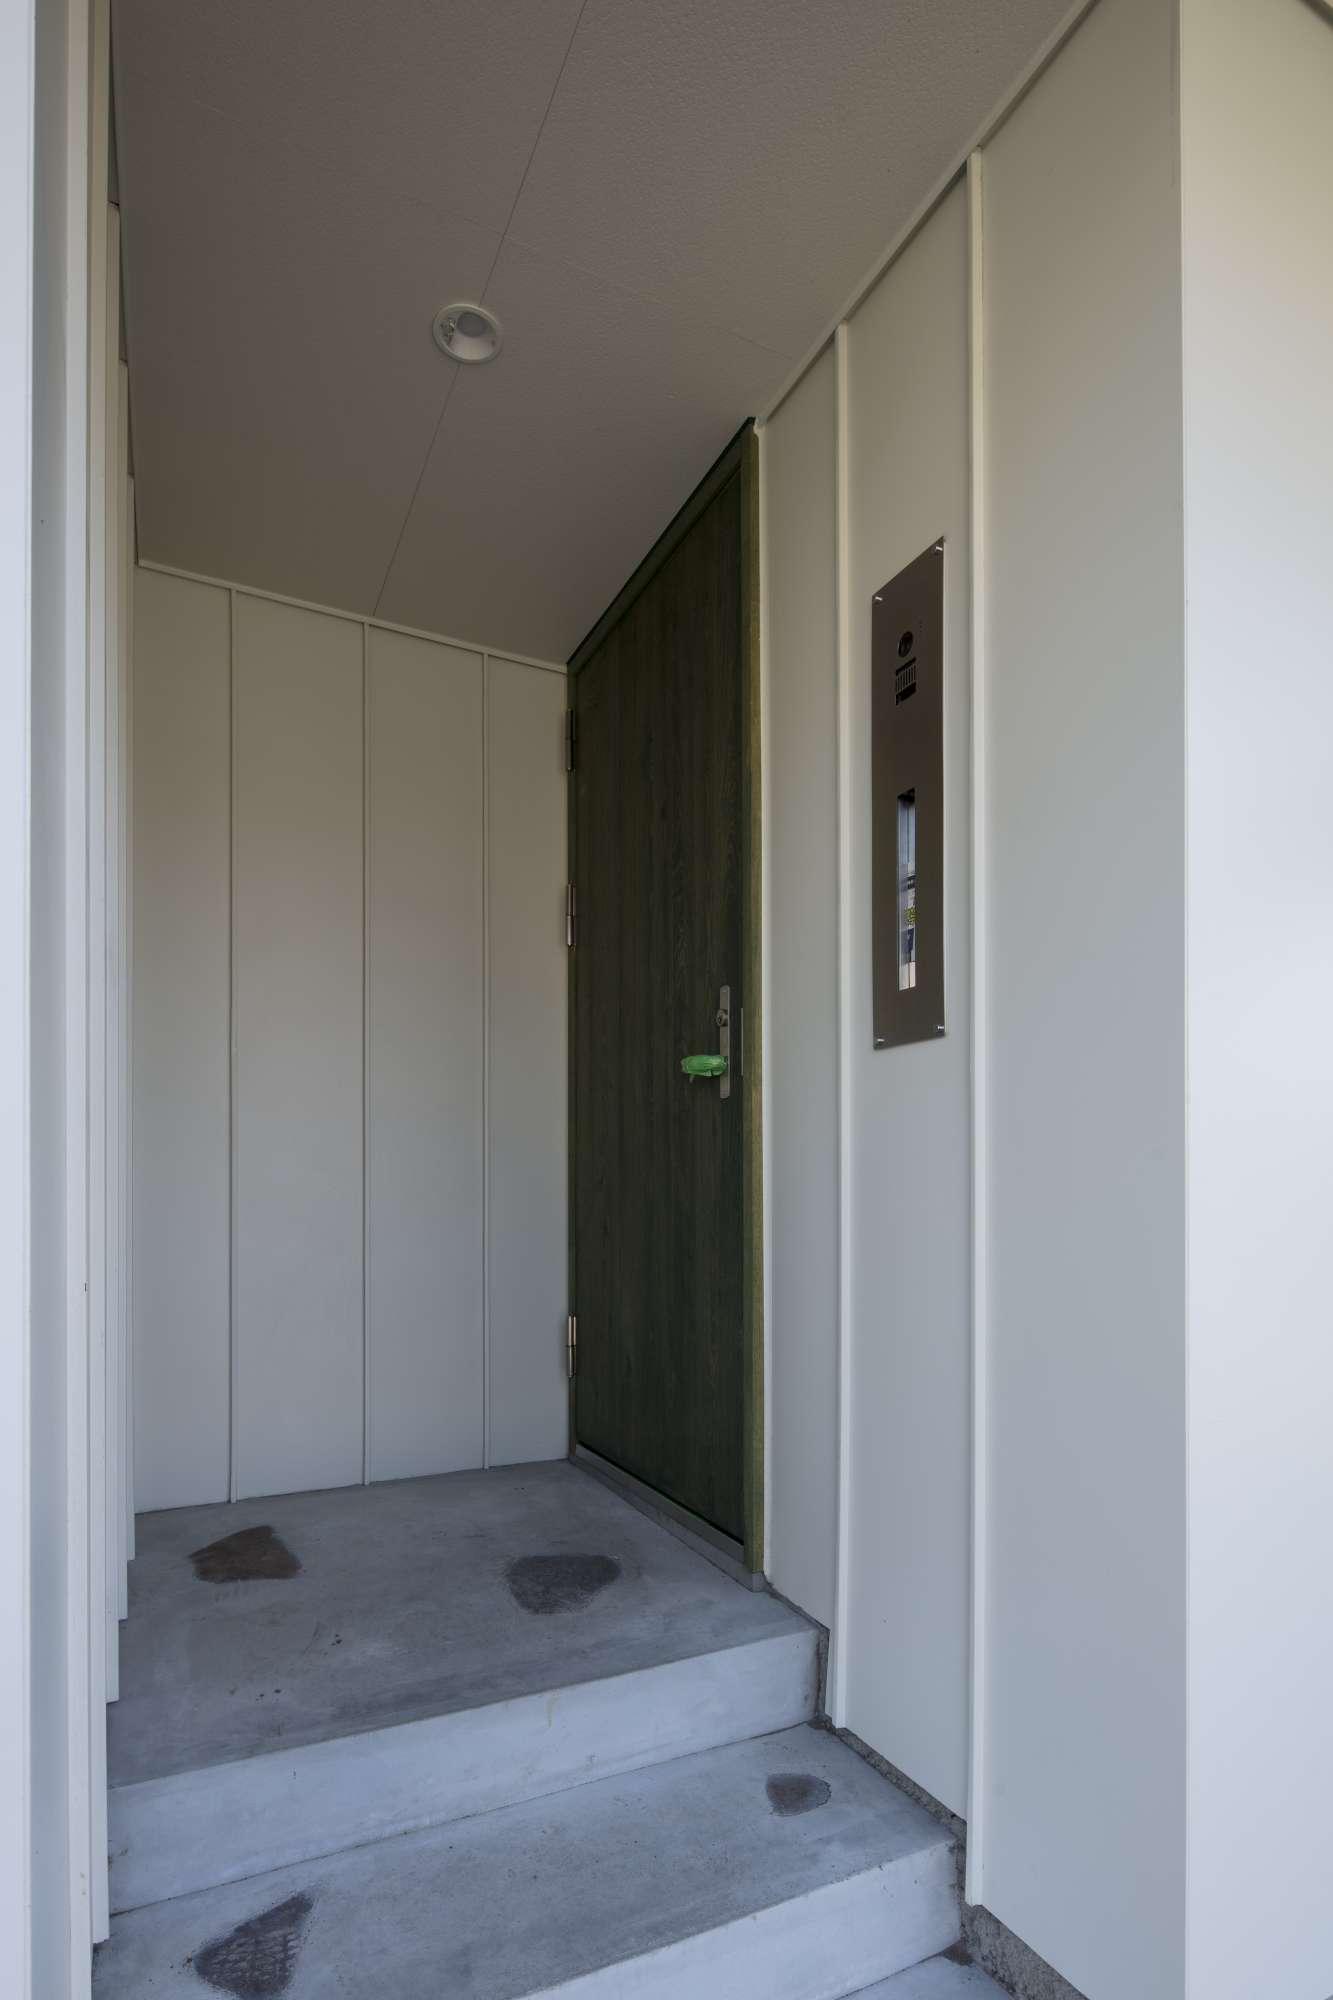 自然石と造作玄関ドアのあるポーチ -  -  -